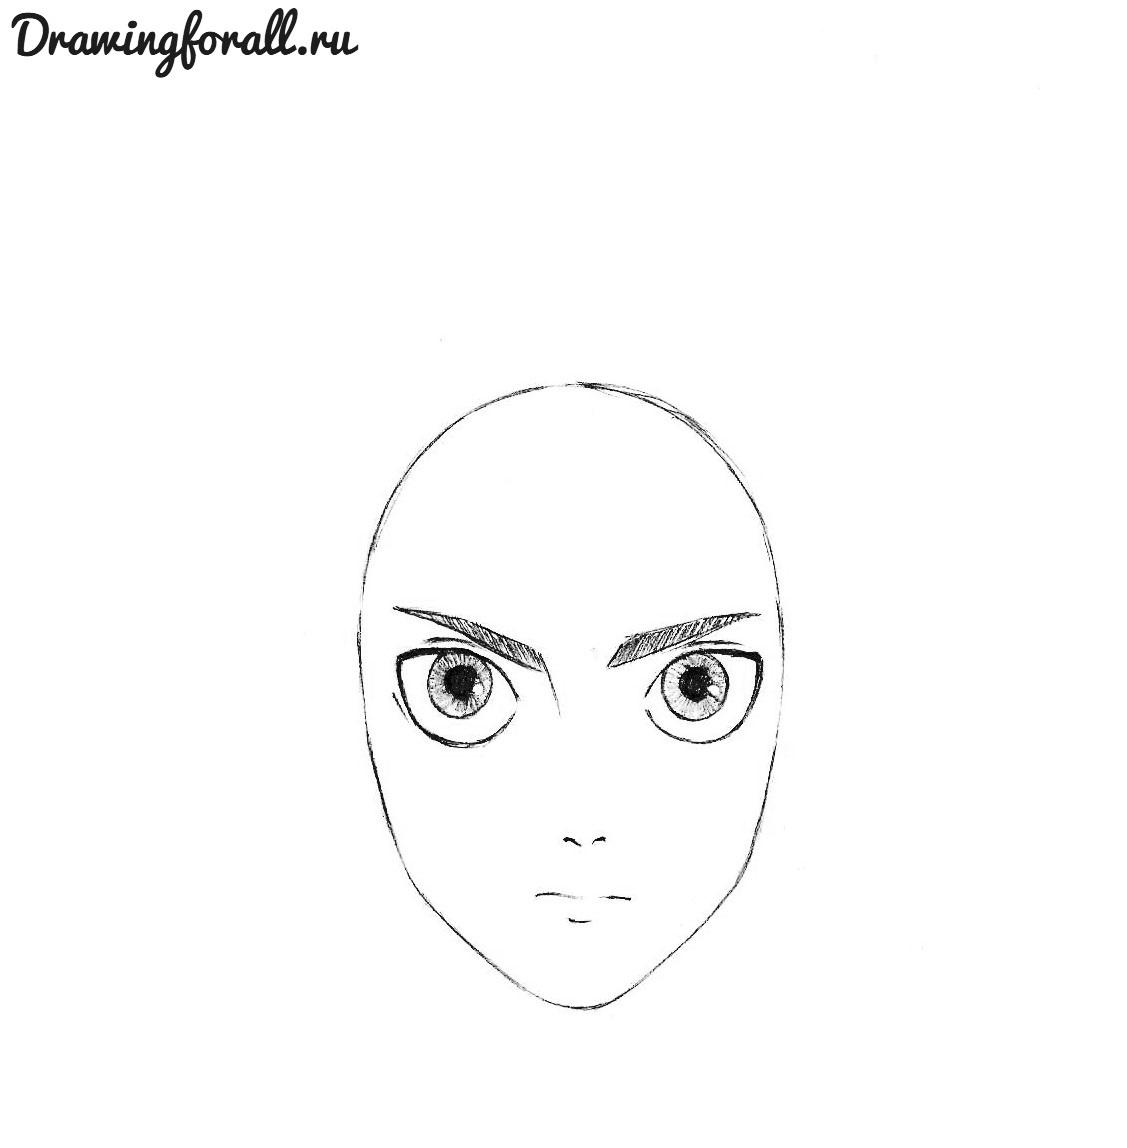 как нарисовать лицо эрена йегера